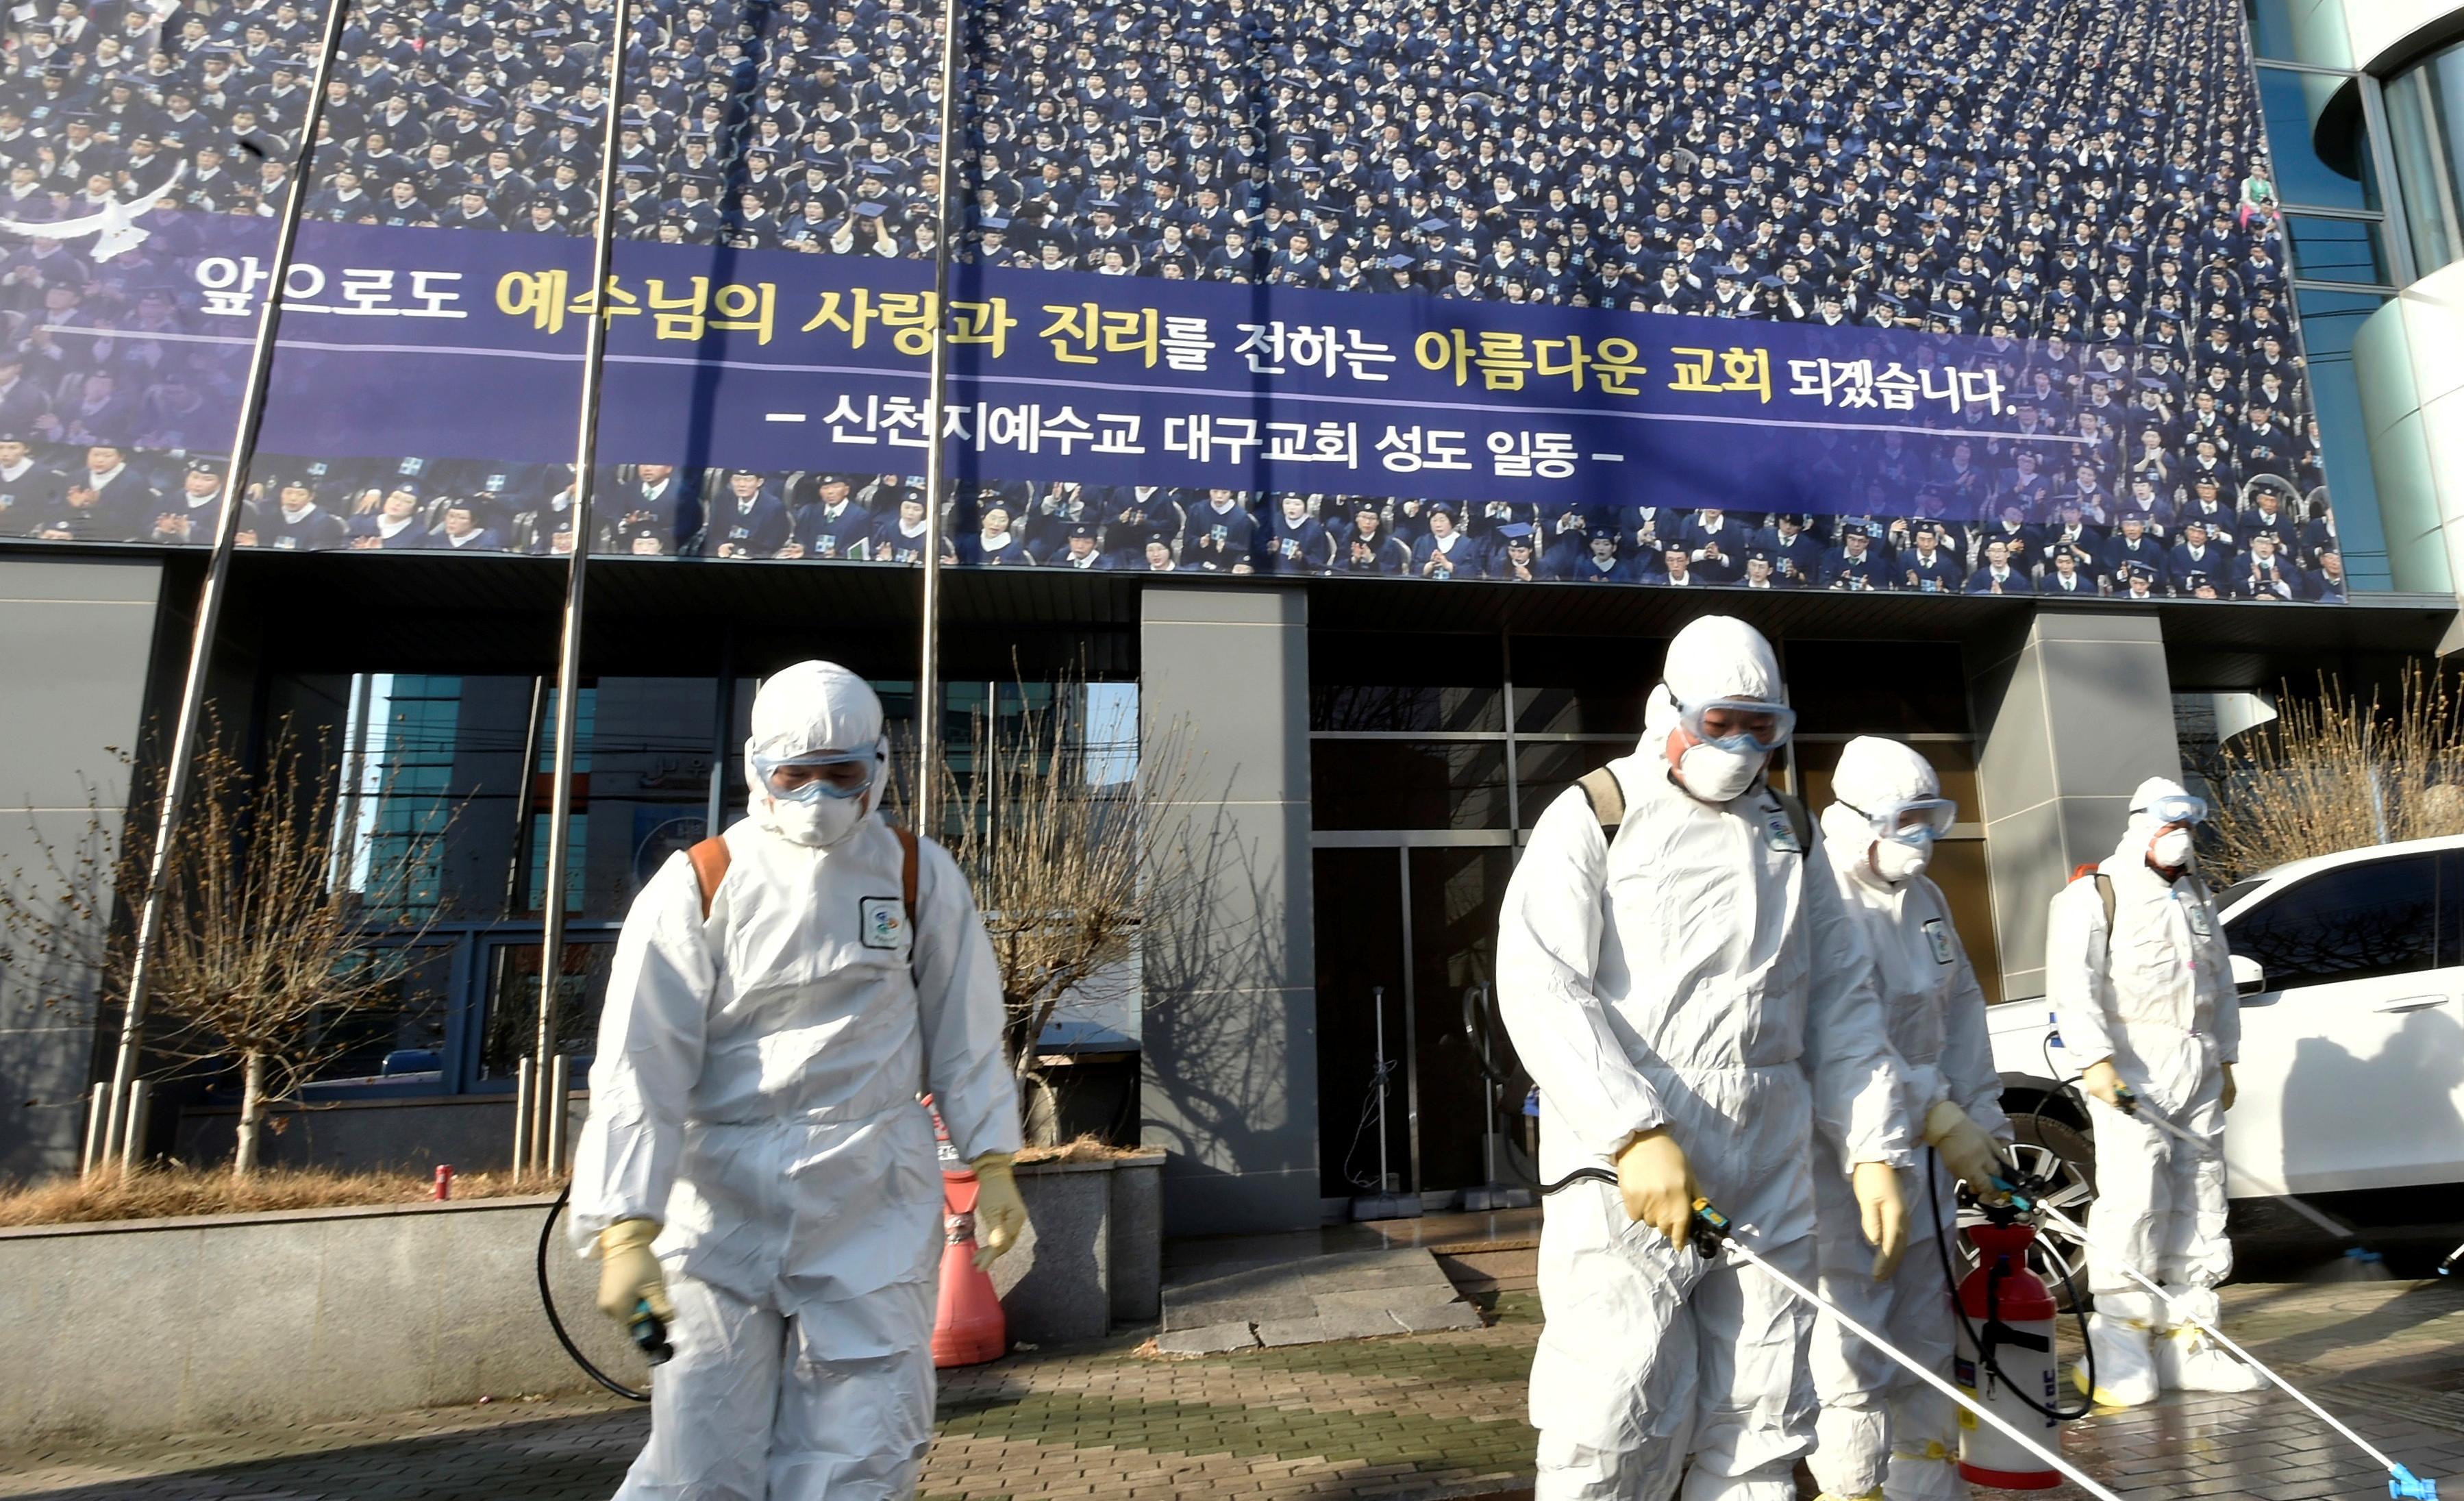 ▲▼防疫人員在新天地教會外進行消毒工作(圖/路透社)